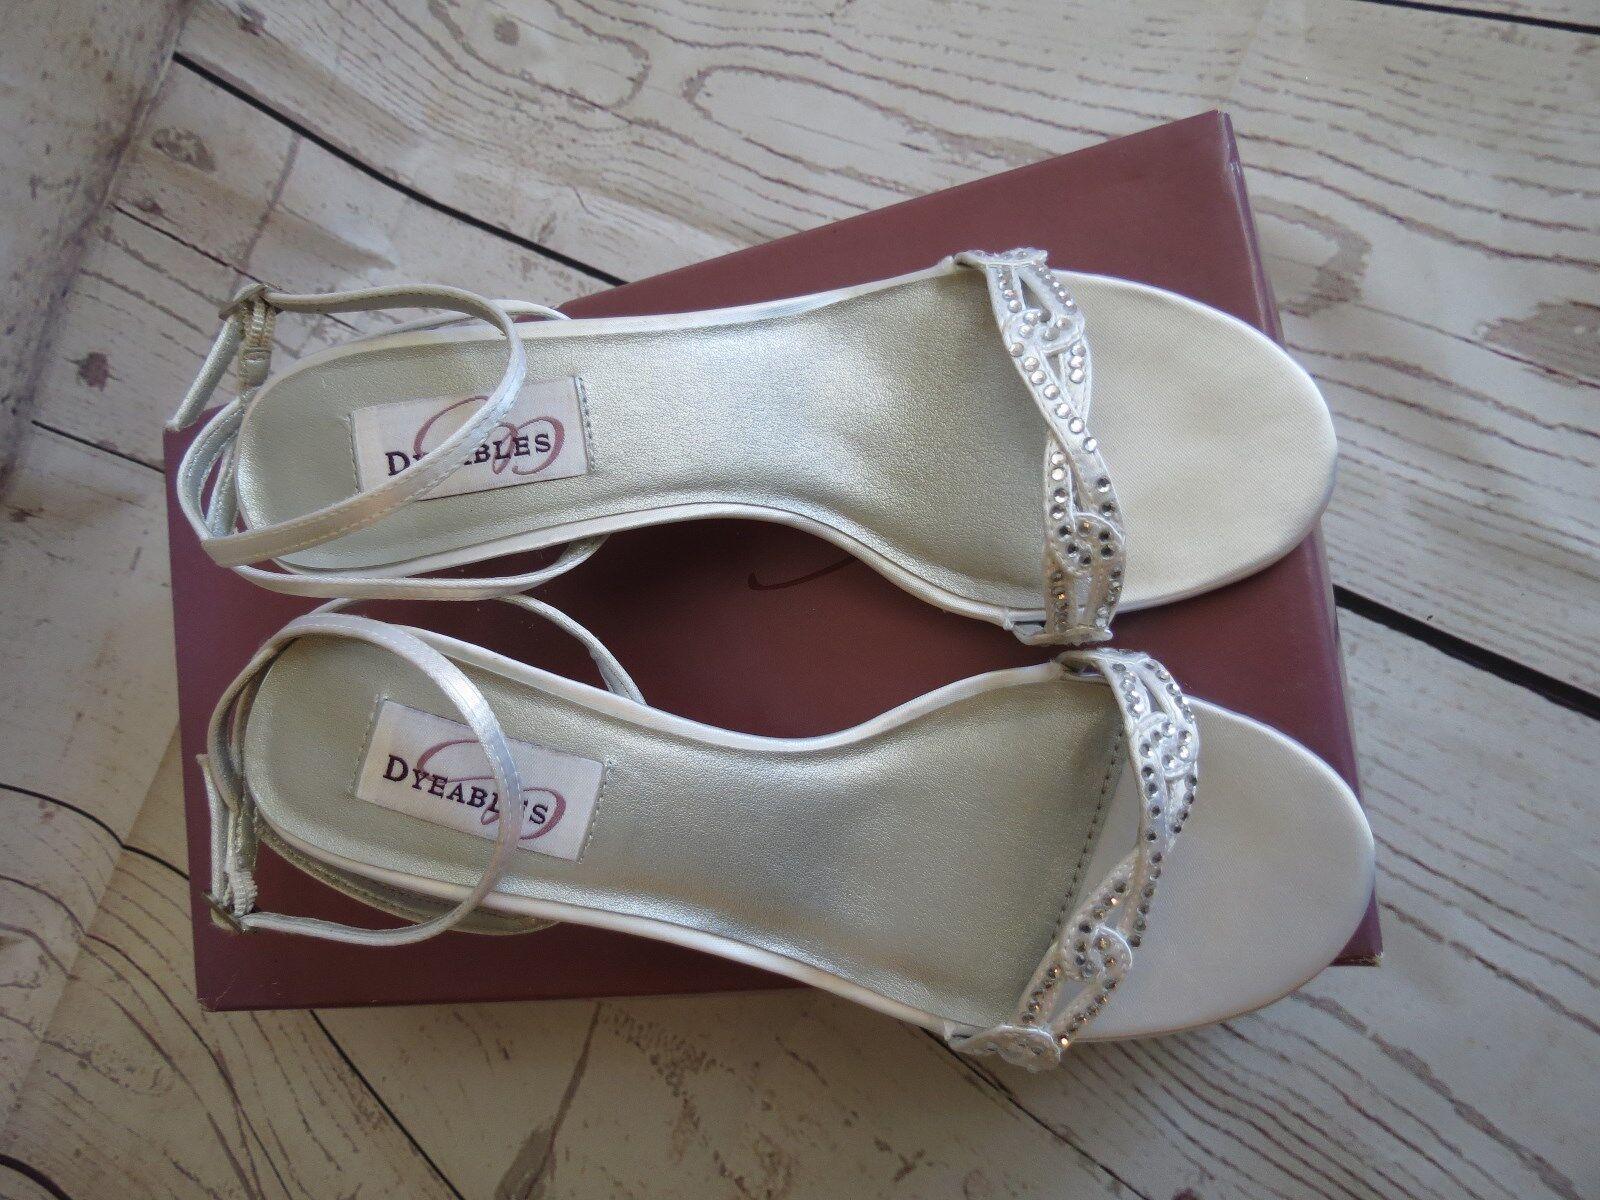 Dyable White Satin Women's Bridal Shoes Amber Size 7B